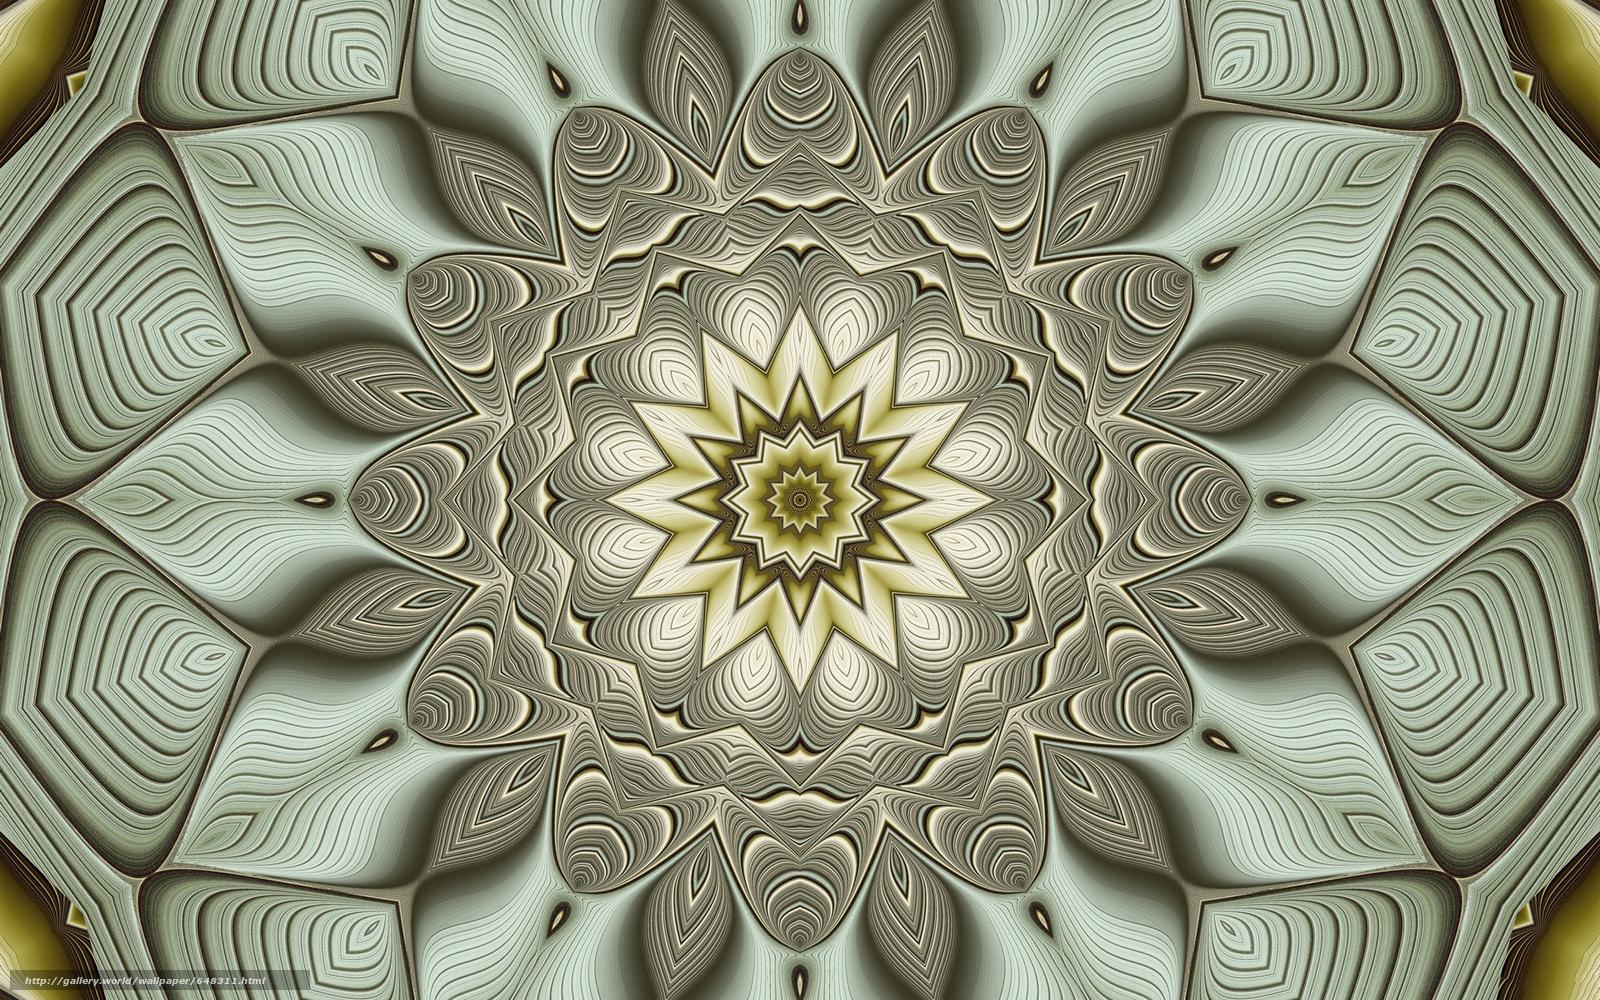 Download Hintergrund Symmetrie,  Geometrie,  Muster,  Abstraktion Freie desktop Tapeten in der Auflosung 1920x1200 — bild №648311